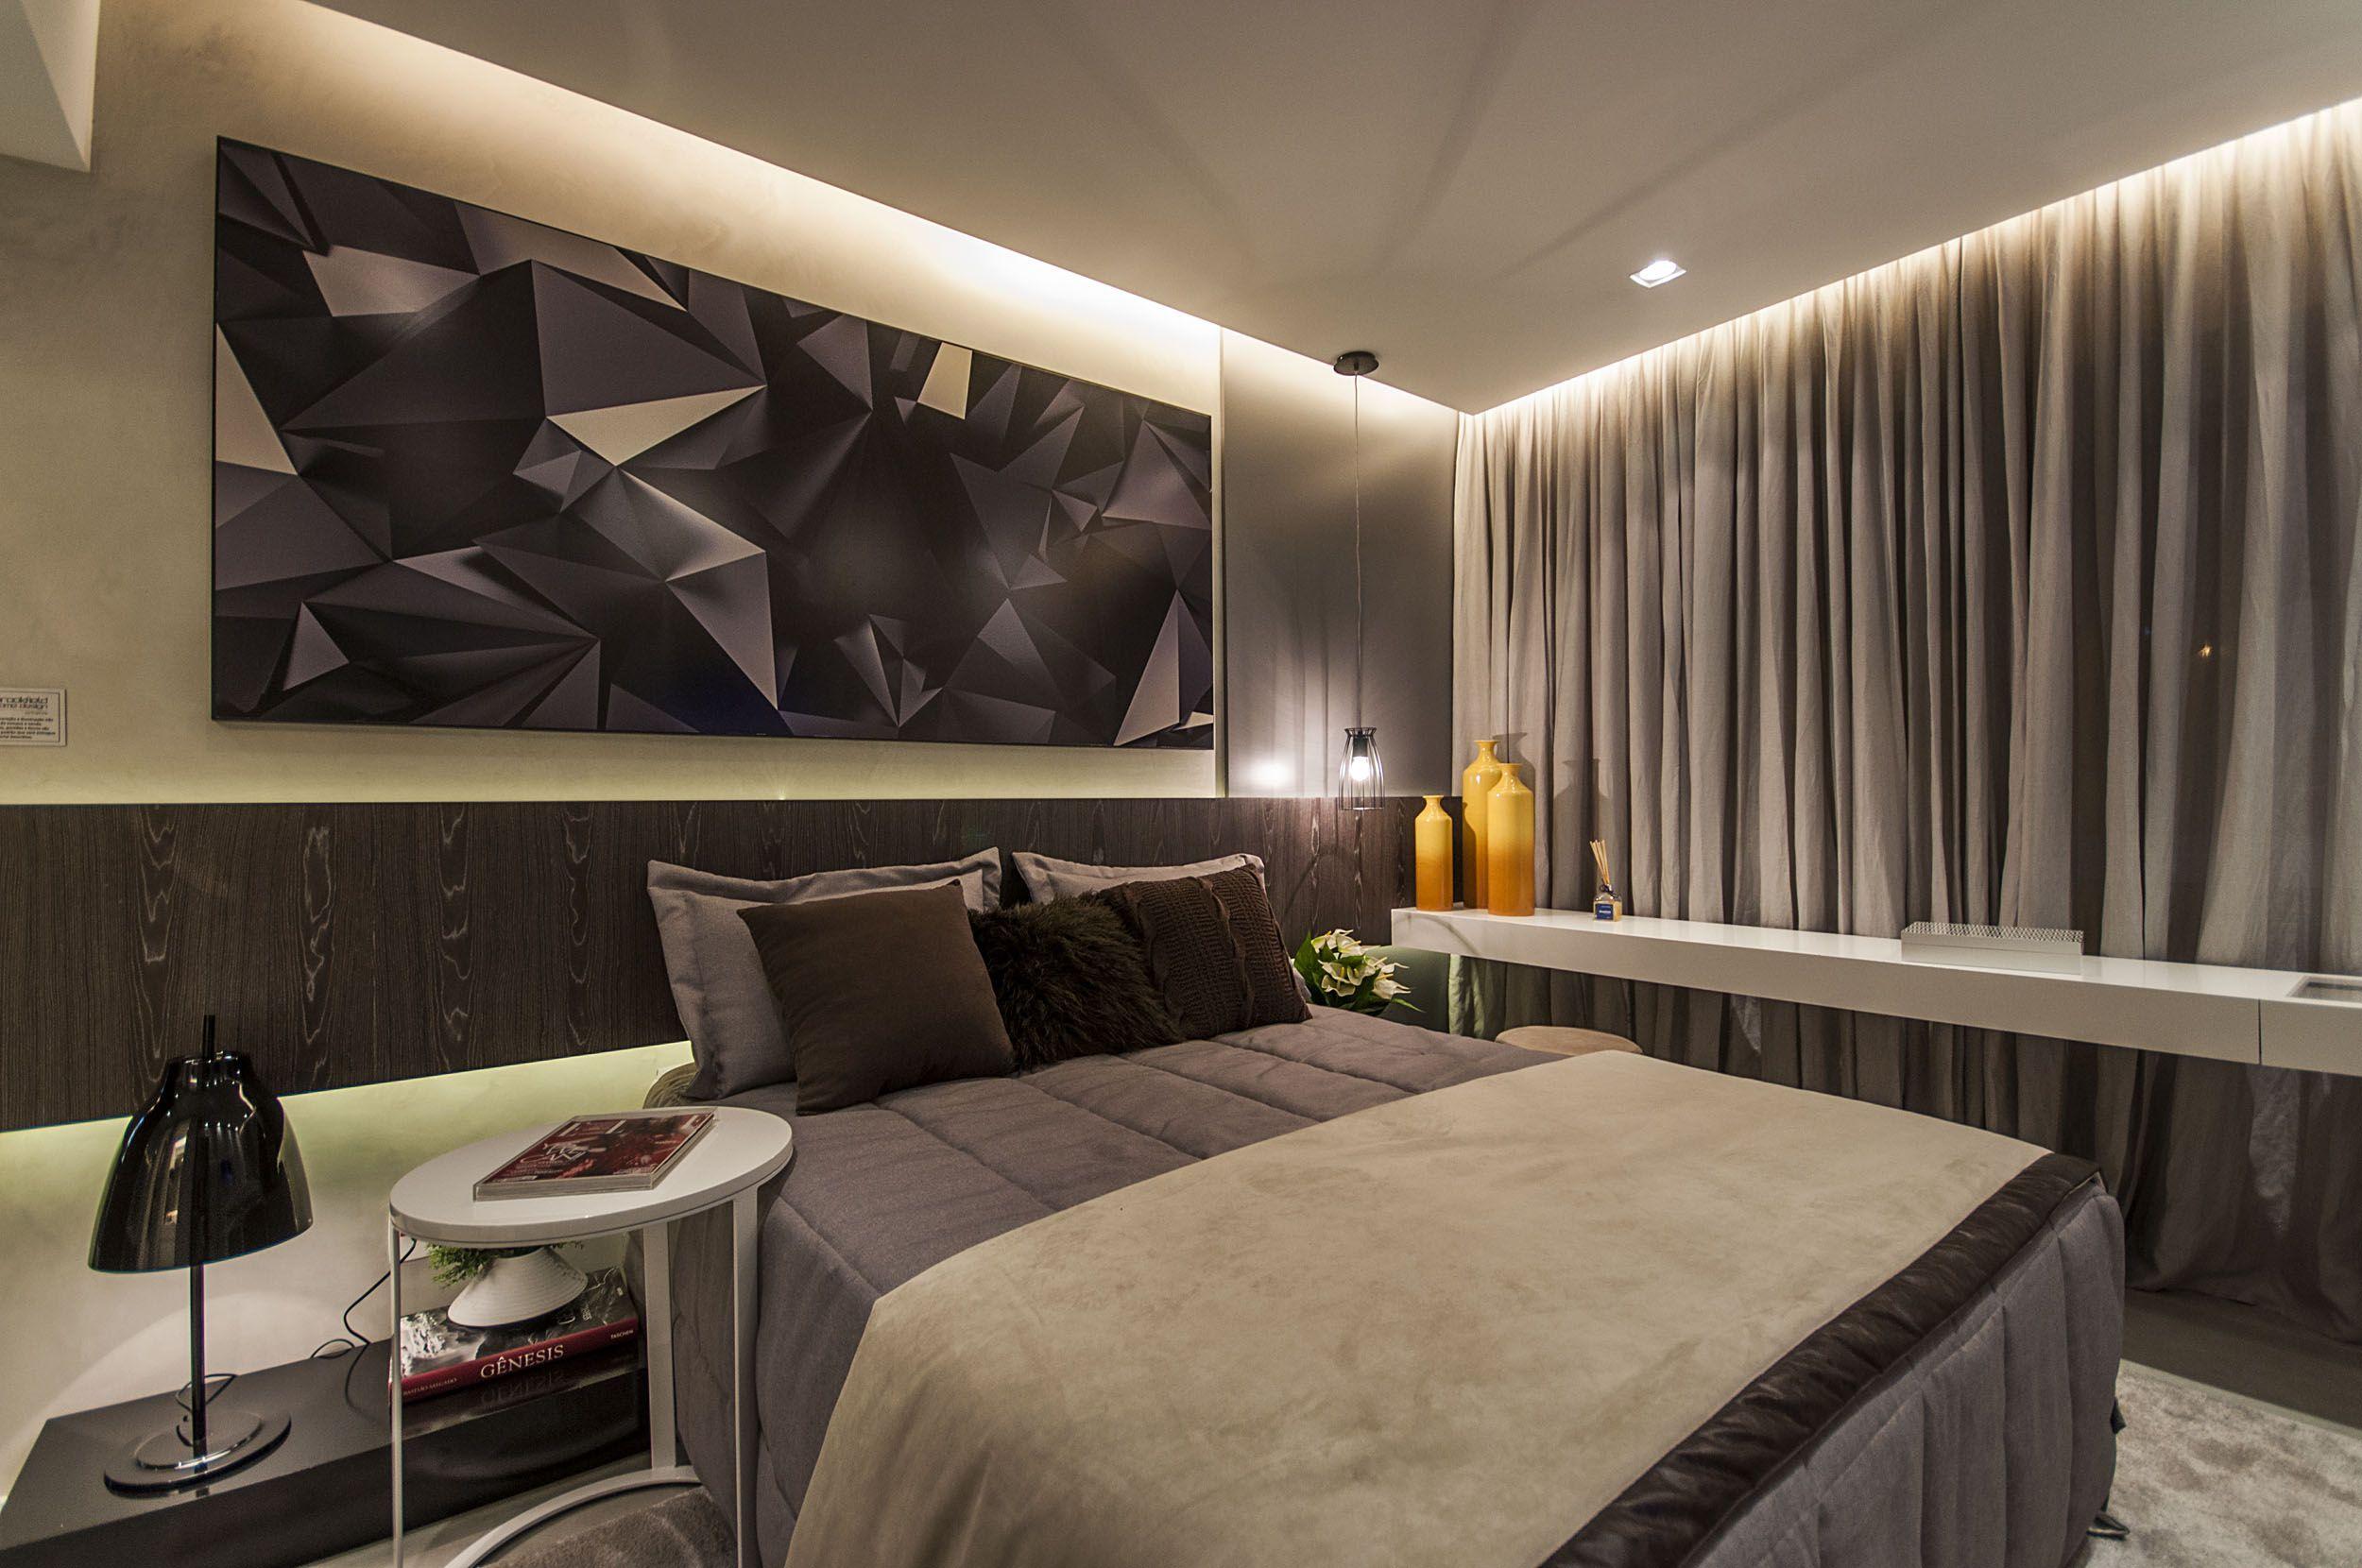 quarto de casal rustico moderno Pesquisa Google Home sweet home